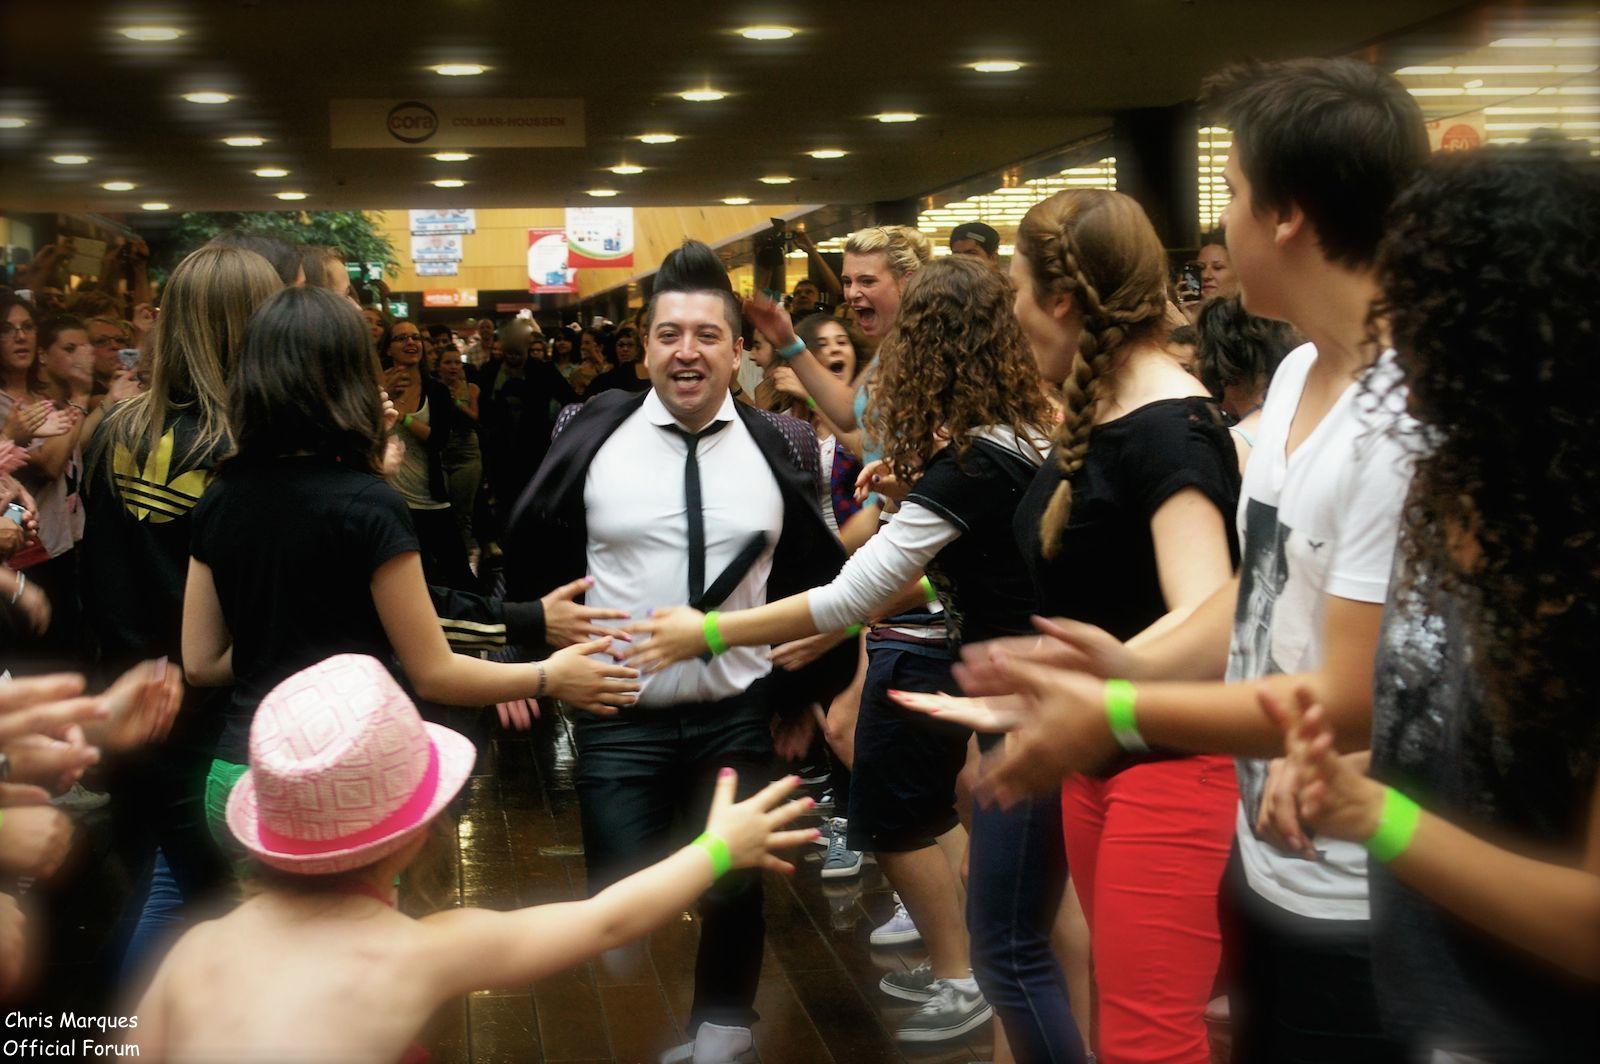 [14.06.2014] Evénement à #Colmar Chris Marques et Jaclyn Spencer pour un Flashmob/Cours de Danse/Dédicaces exceptionnels le tout organisé par la MJC de Colmar 812